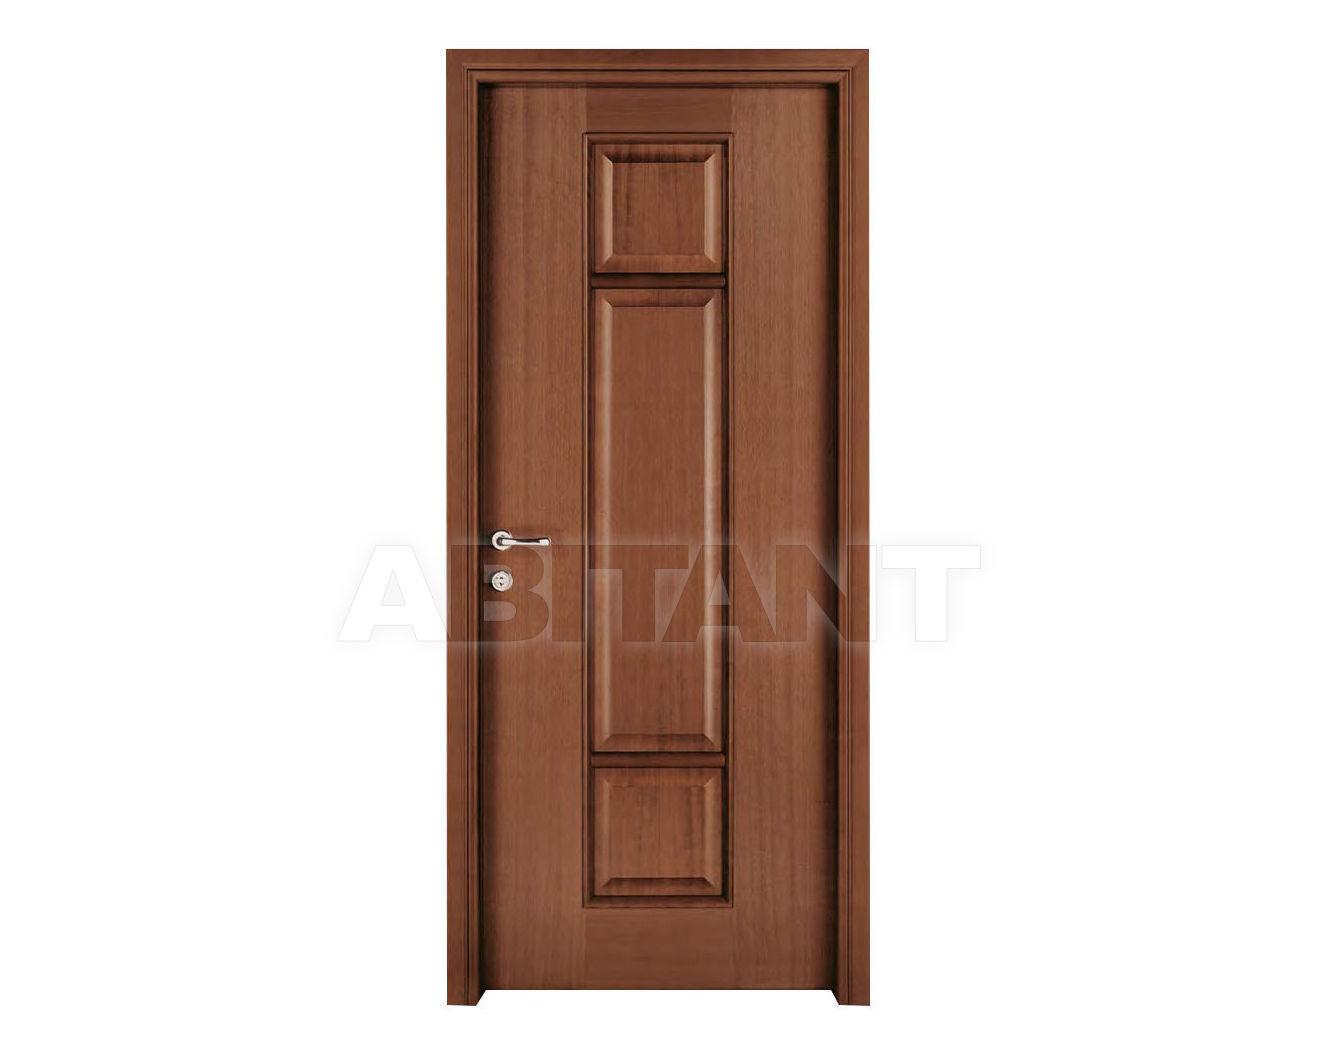 Купить Дверь деревянная Fioravazzi Classiche LUCIA CIECA